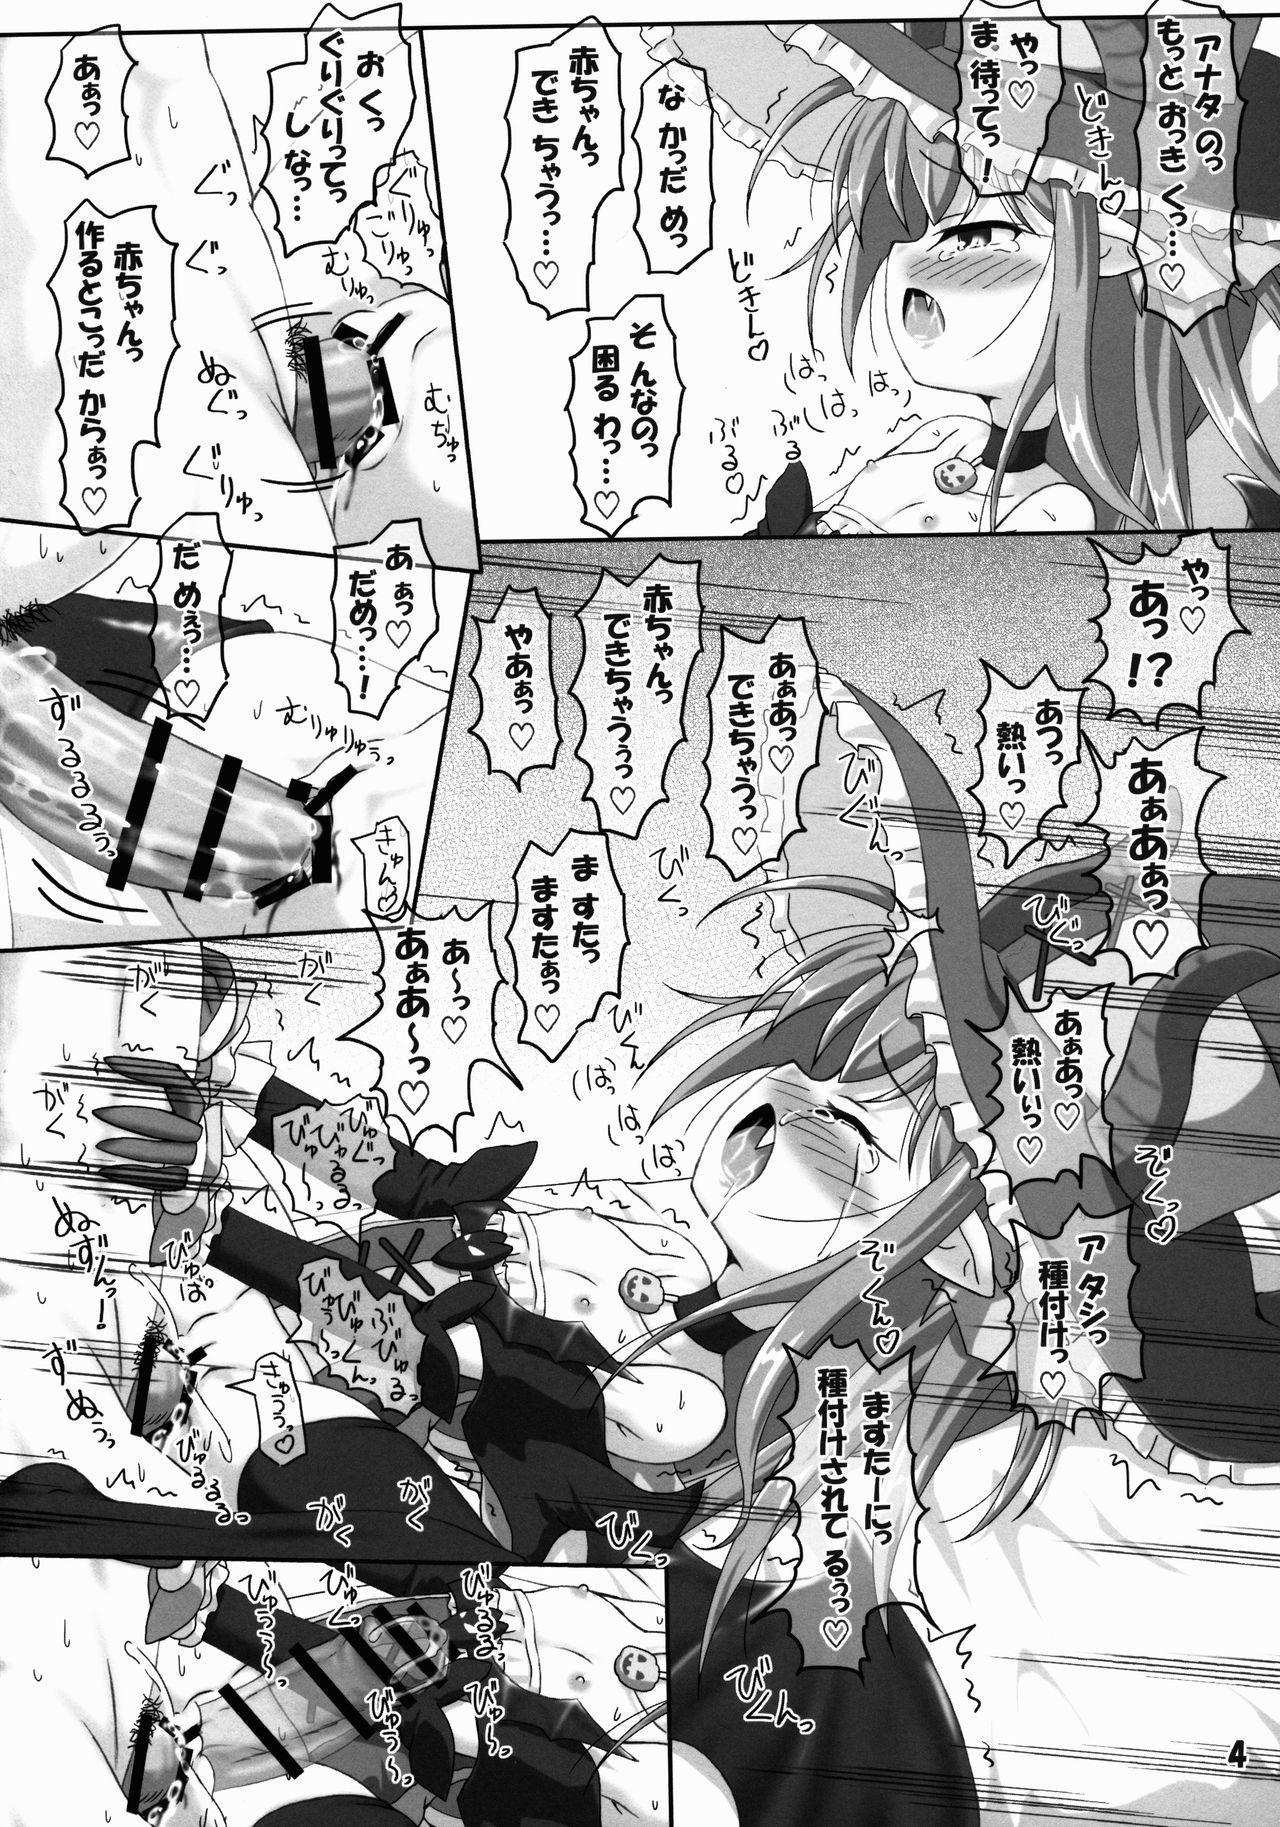 Eli-chan to Kozukuri Shitai Hon 3